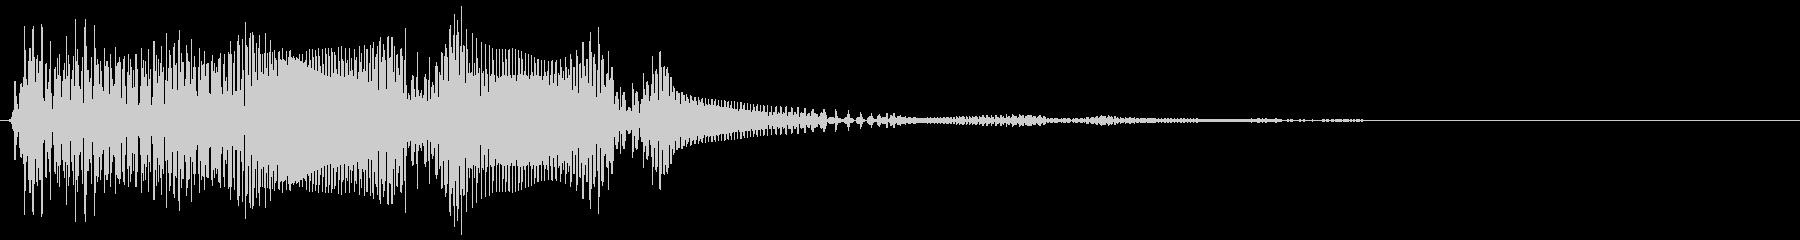 ブヨンヨン・・。はね返る・揺れる音(低)の未再生の波形